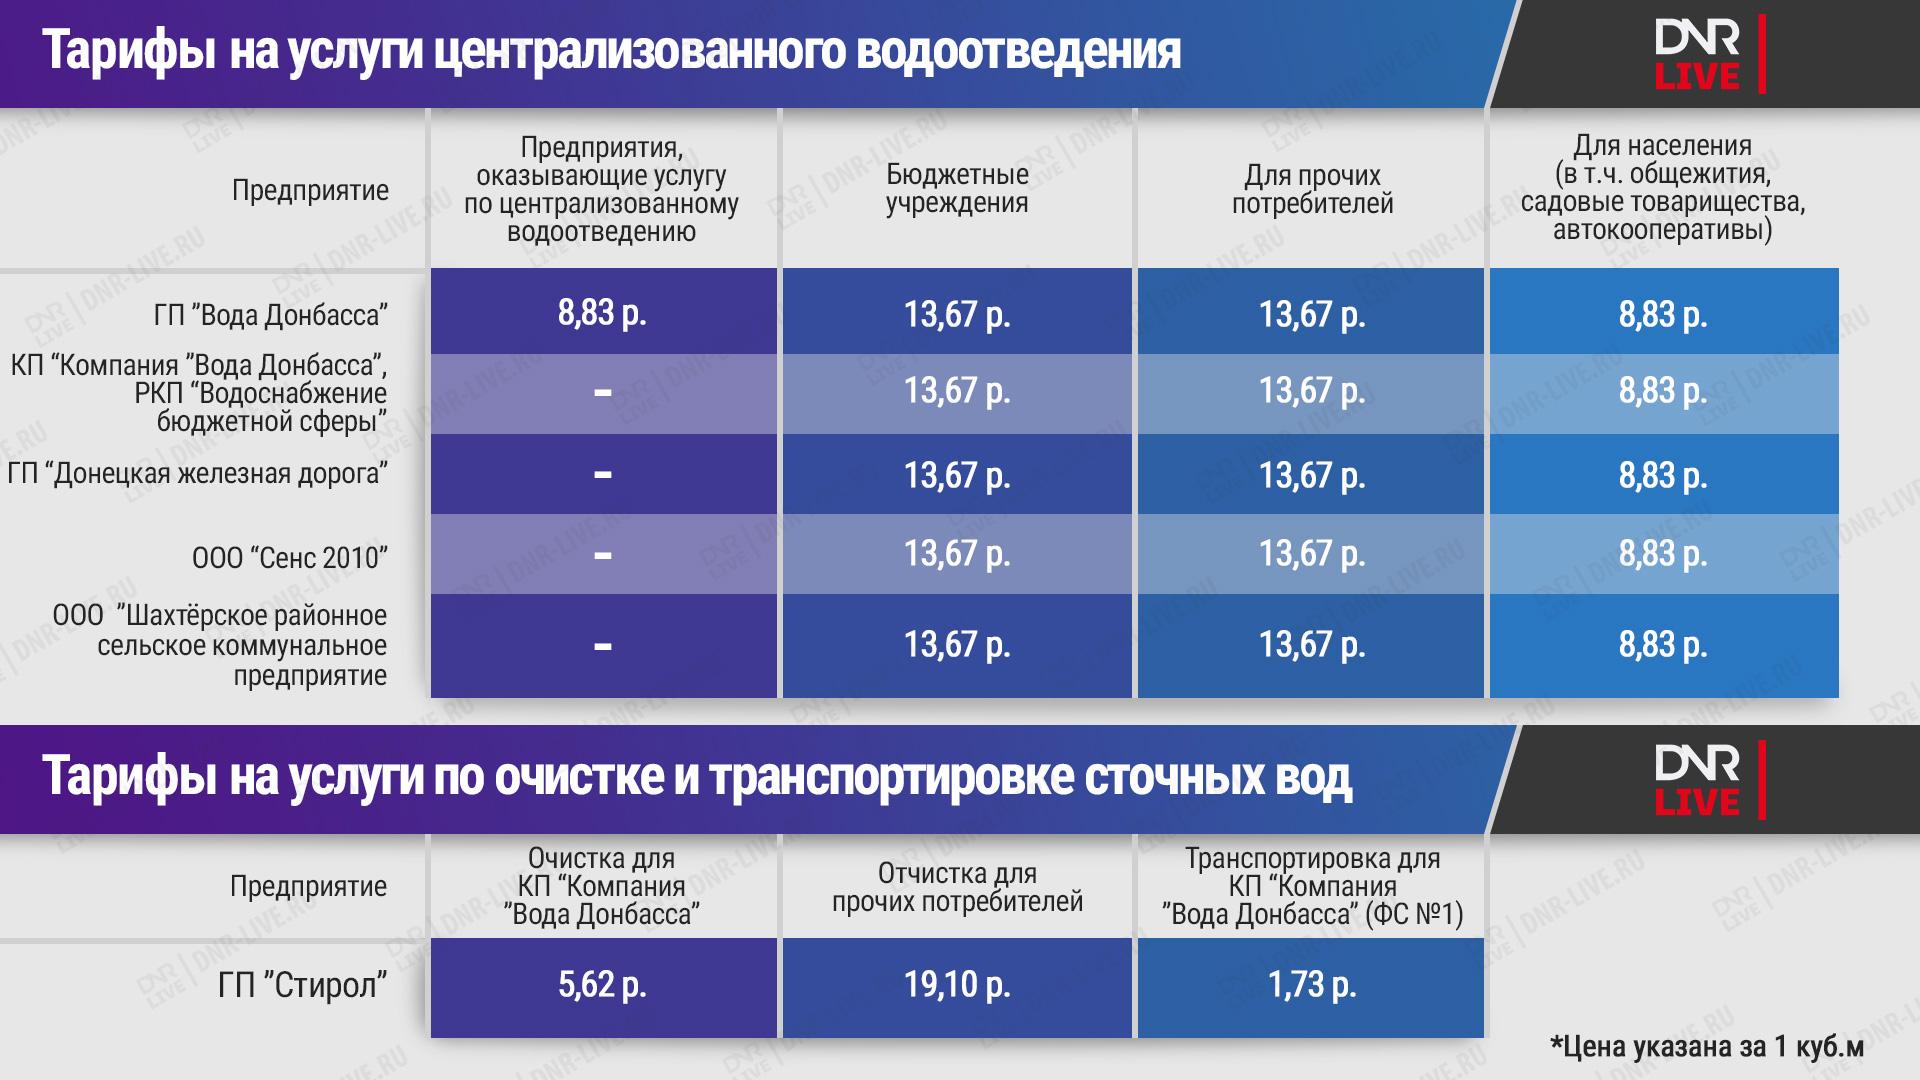 тарифы_на_услуги_централизованного_водоотведения